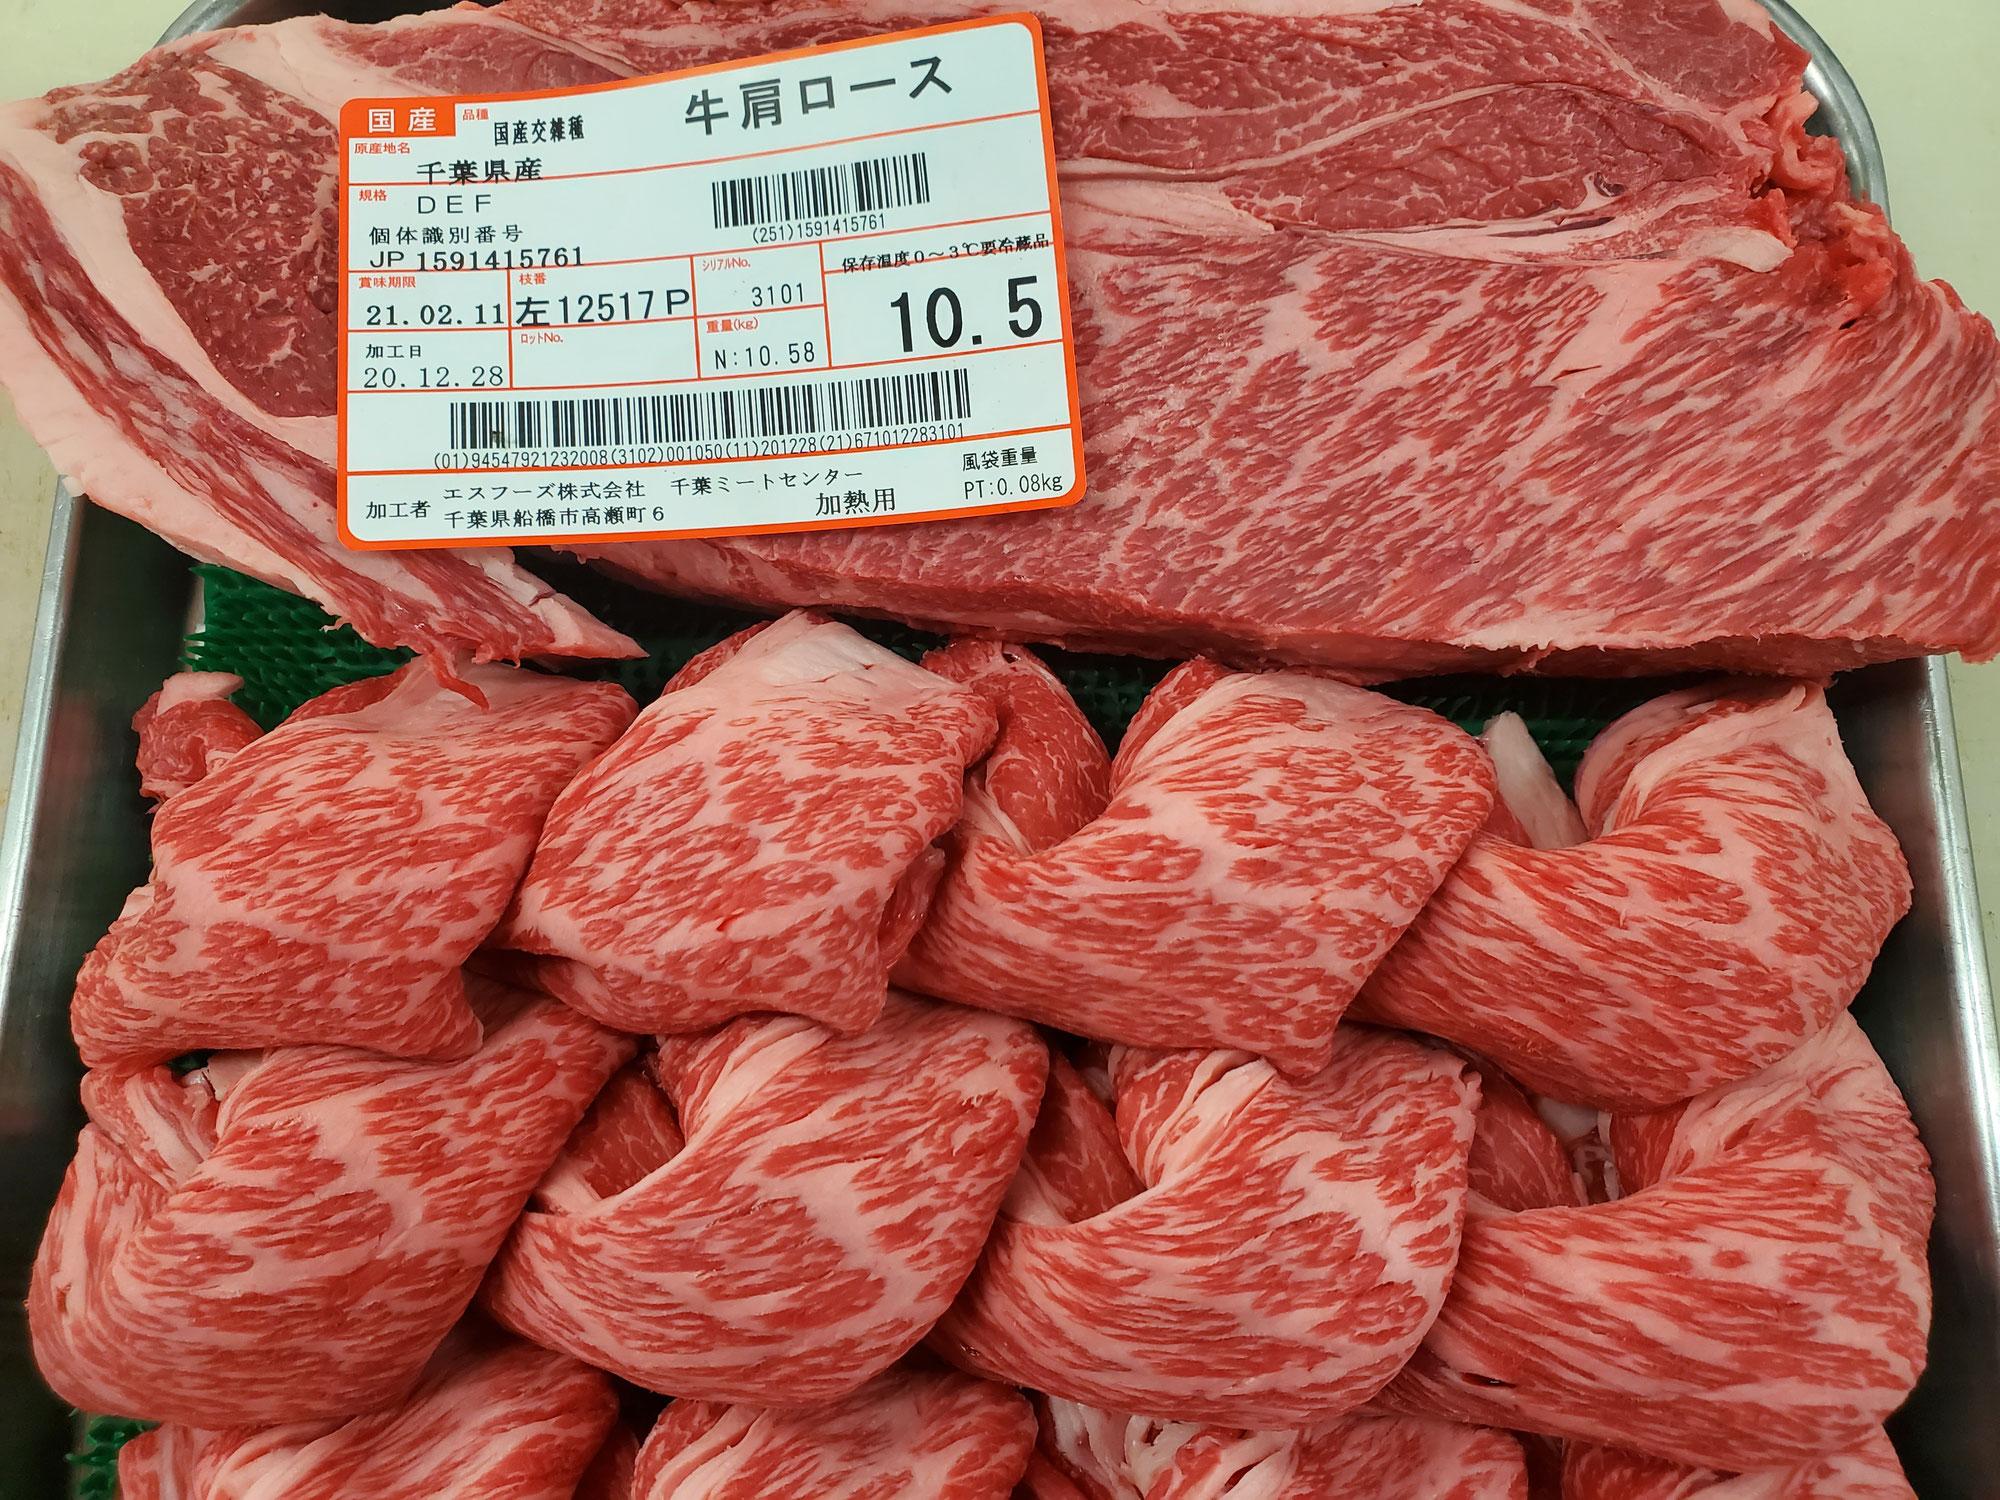 千葉県産の牛肉がメジャーな銘柄牛になっていく日を楽しみ